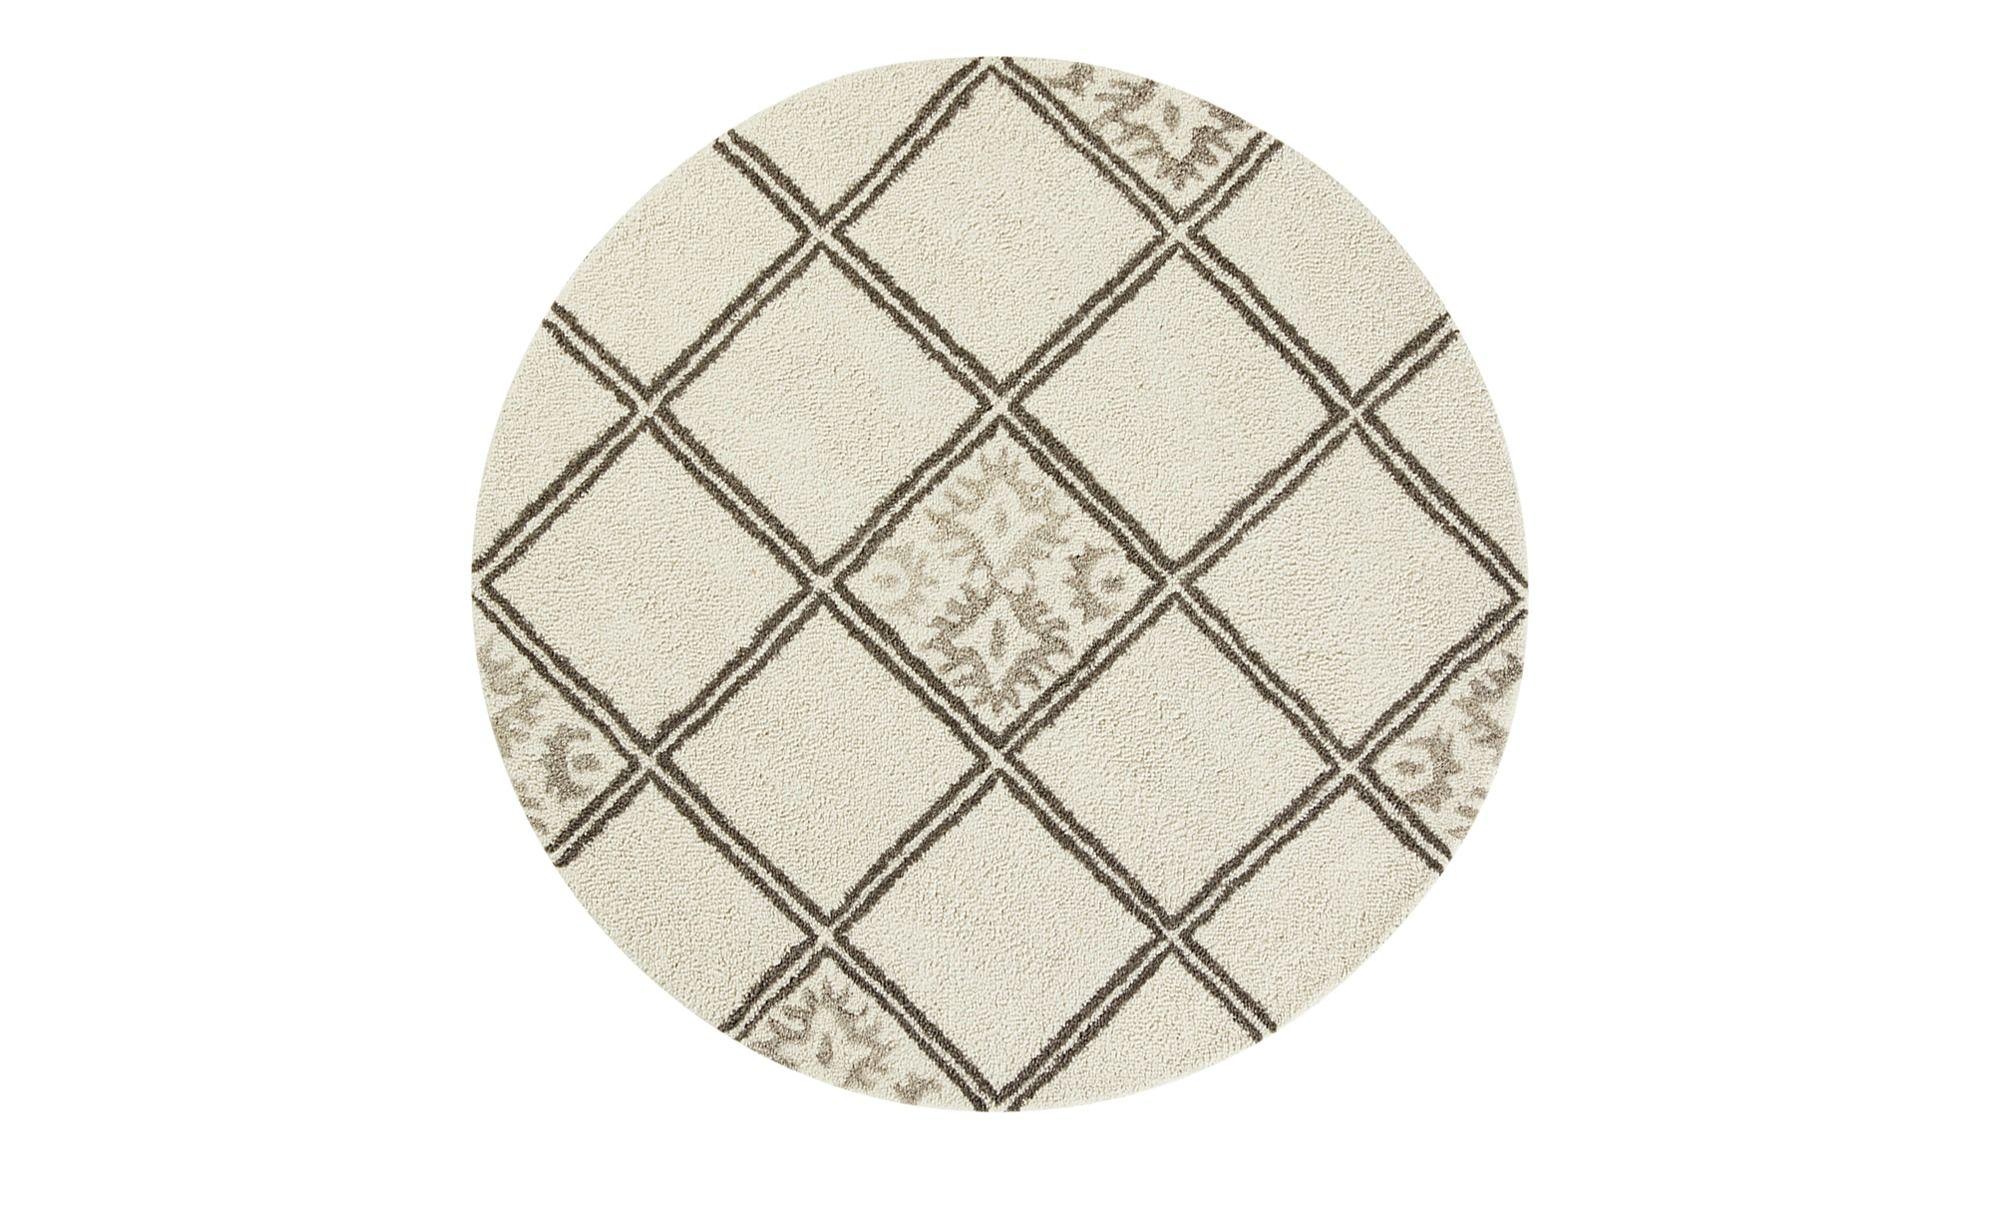 sisal teppich 200x300 günstig teppichboden meterware